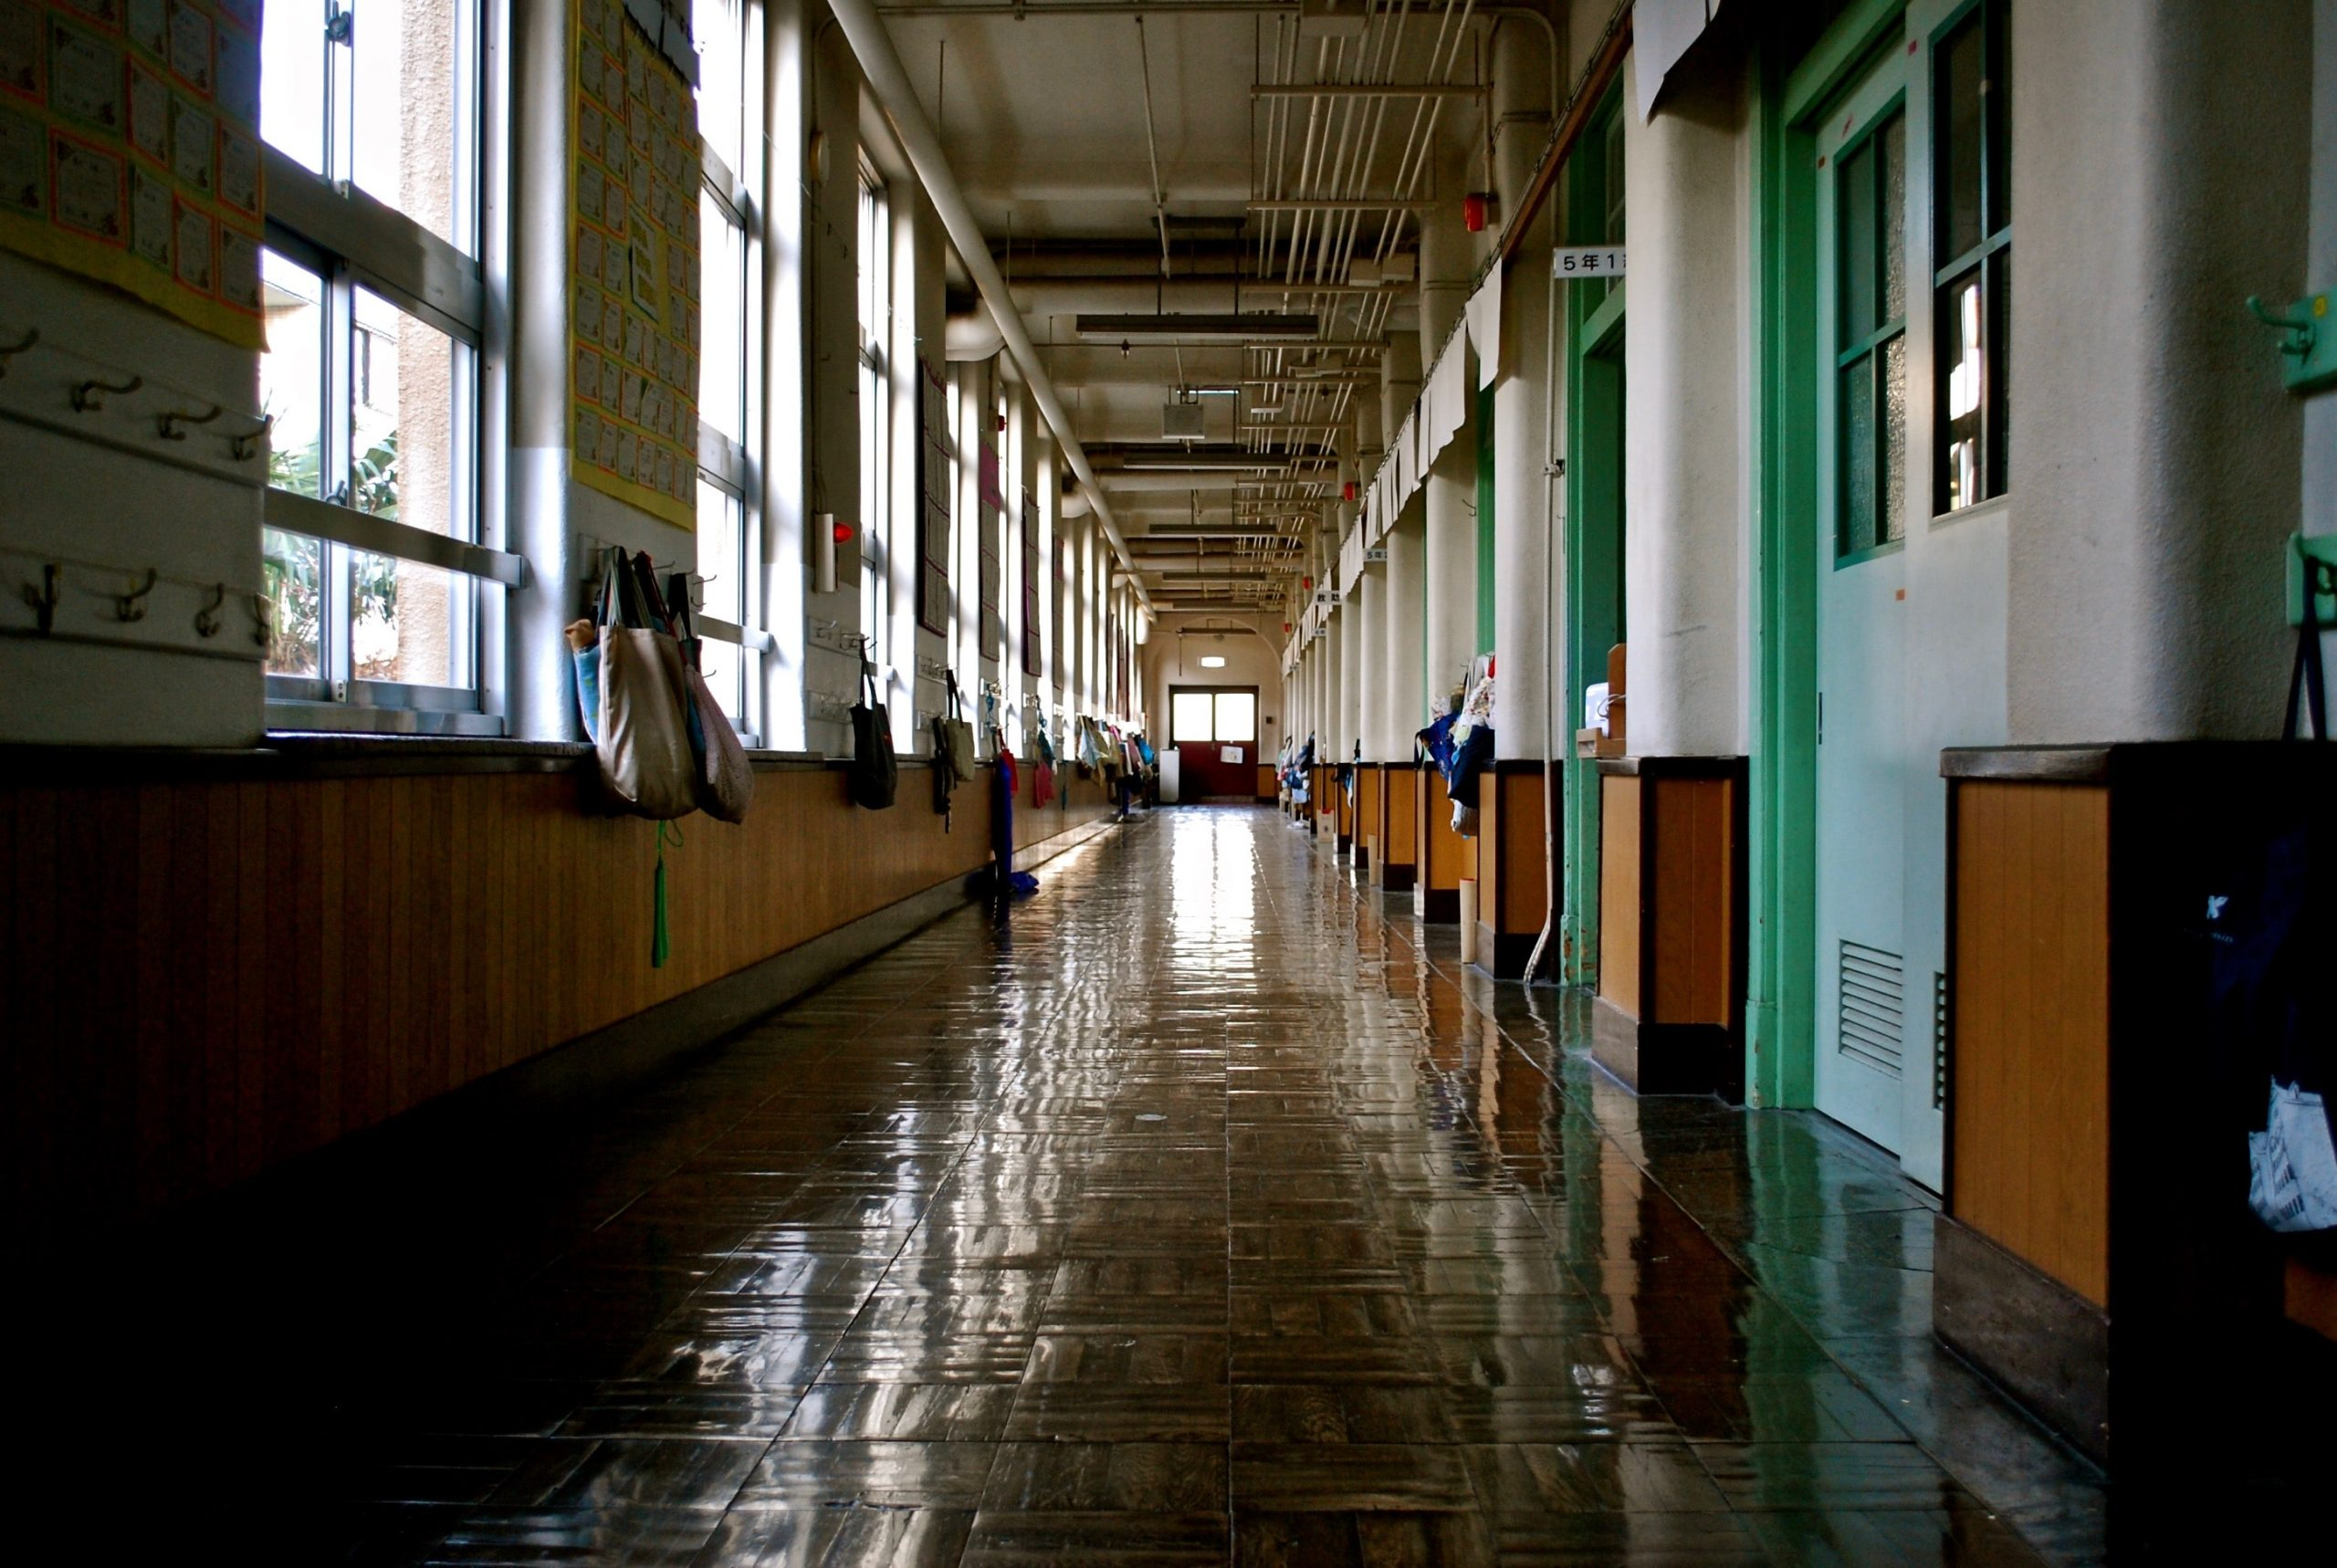 bartending-school-hallway